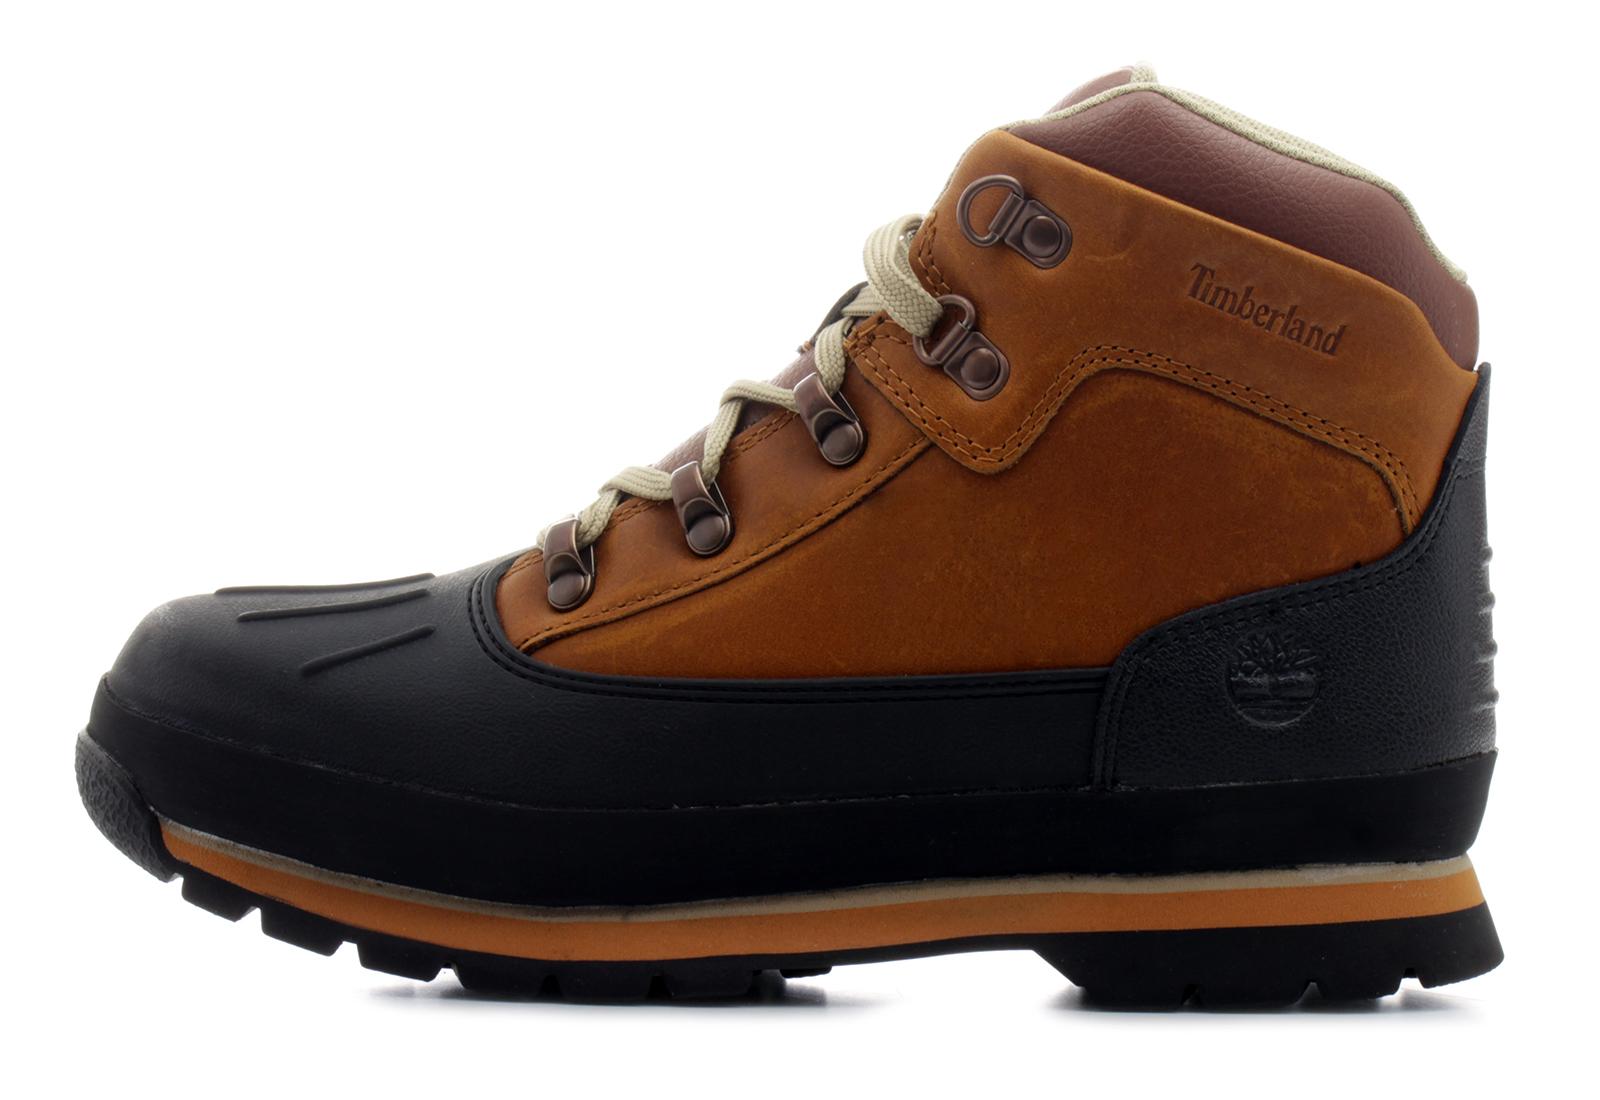 Timberland-Euro-Hiker-Shell-Toe-Boot-Rust-Copper-Big-Kids-A1LTTD31-A1LTT